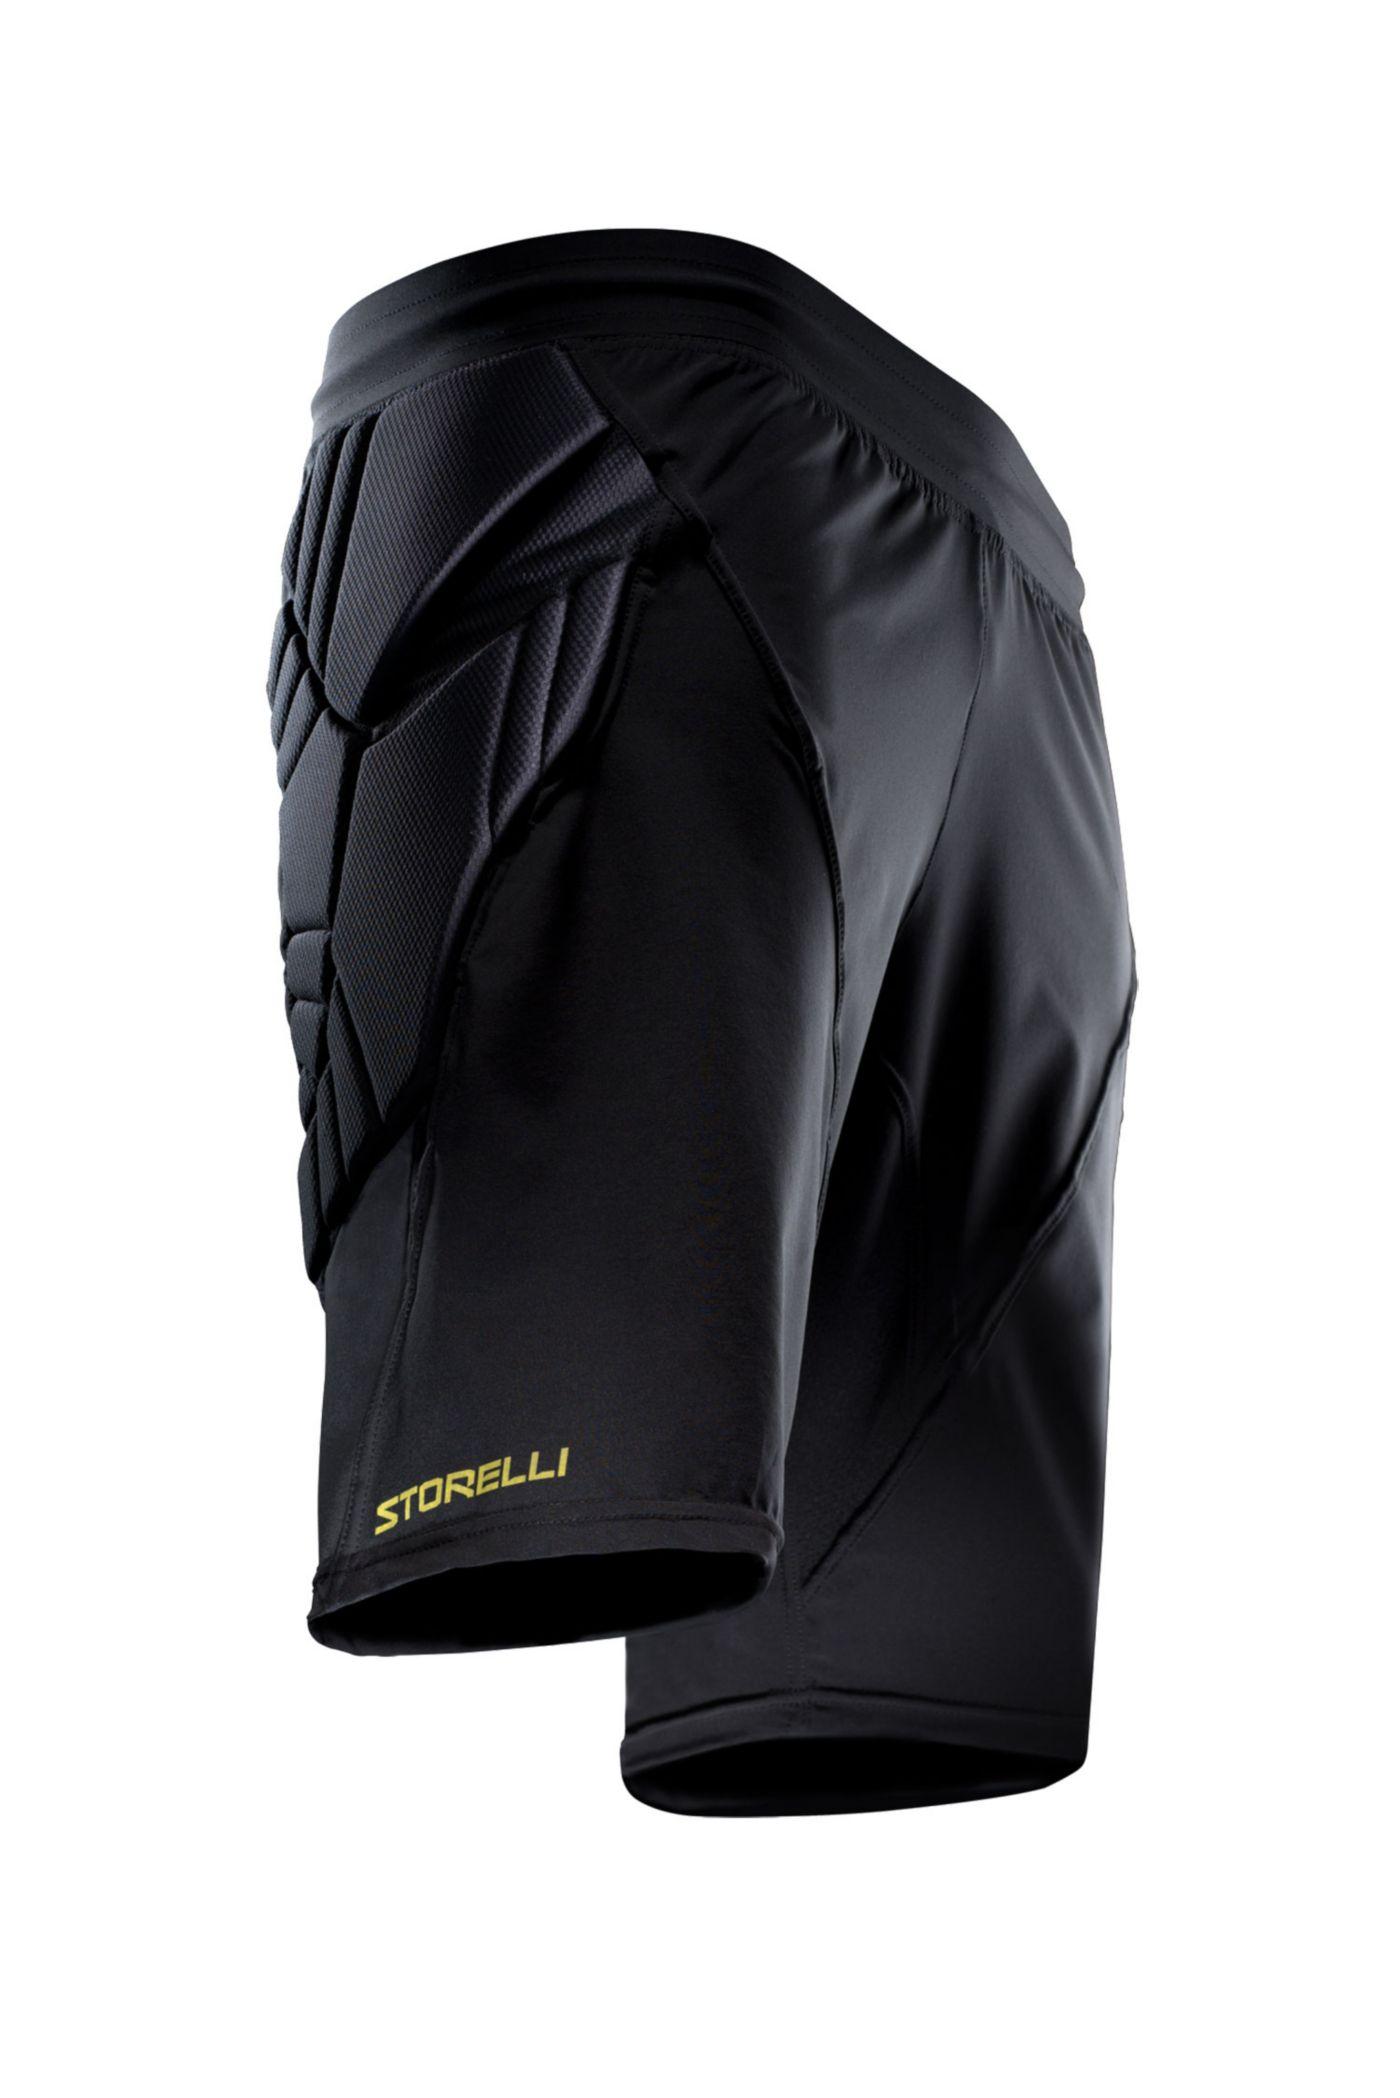 Storelli Exoshield GK Adult Soccer Shorts